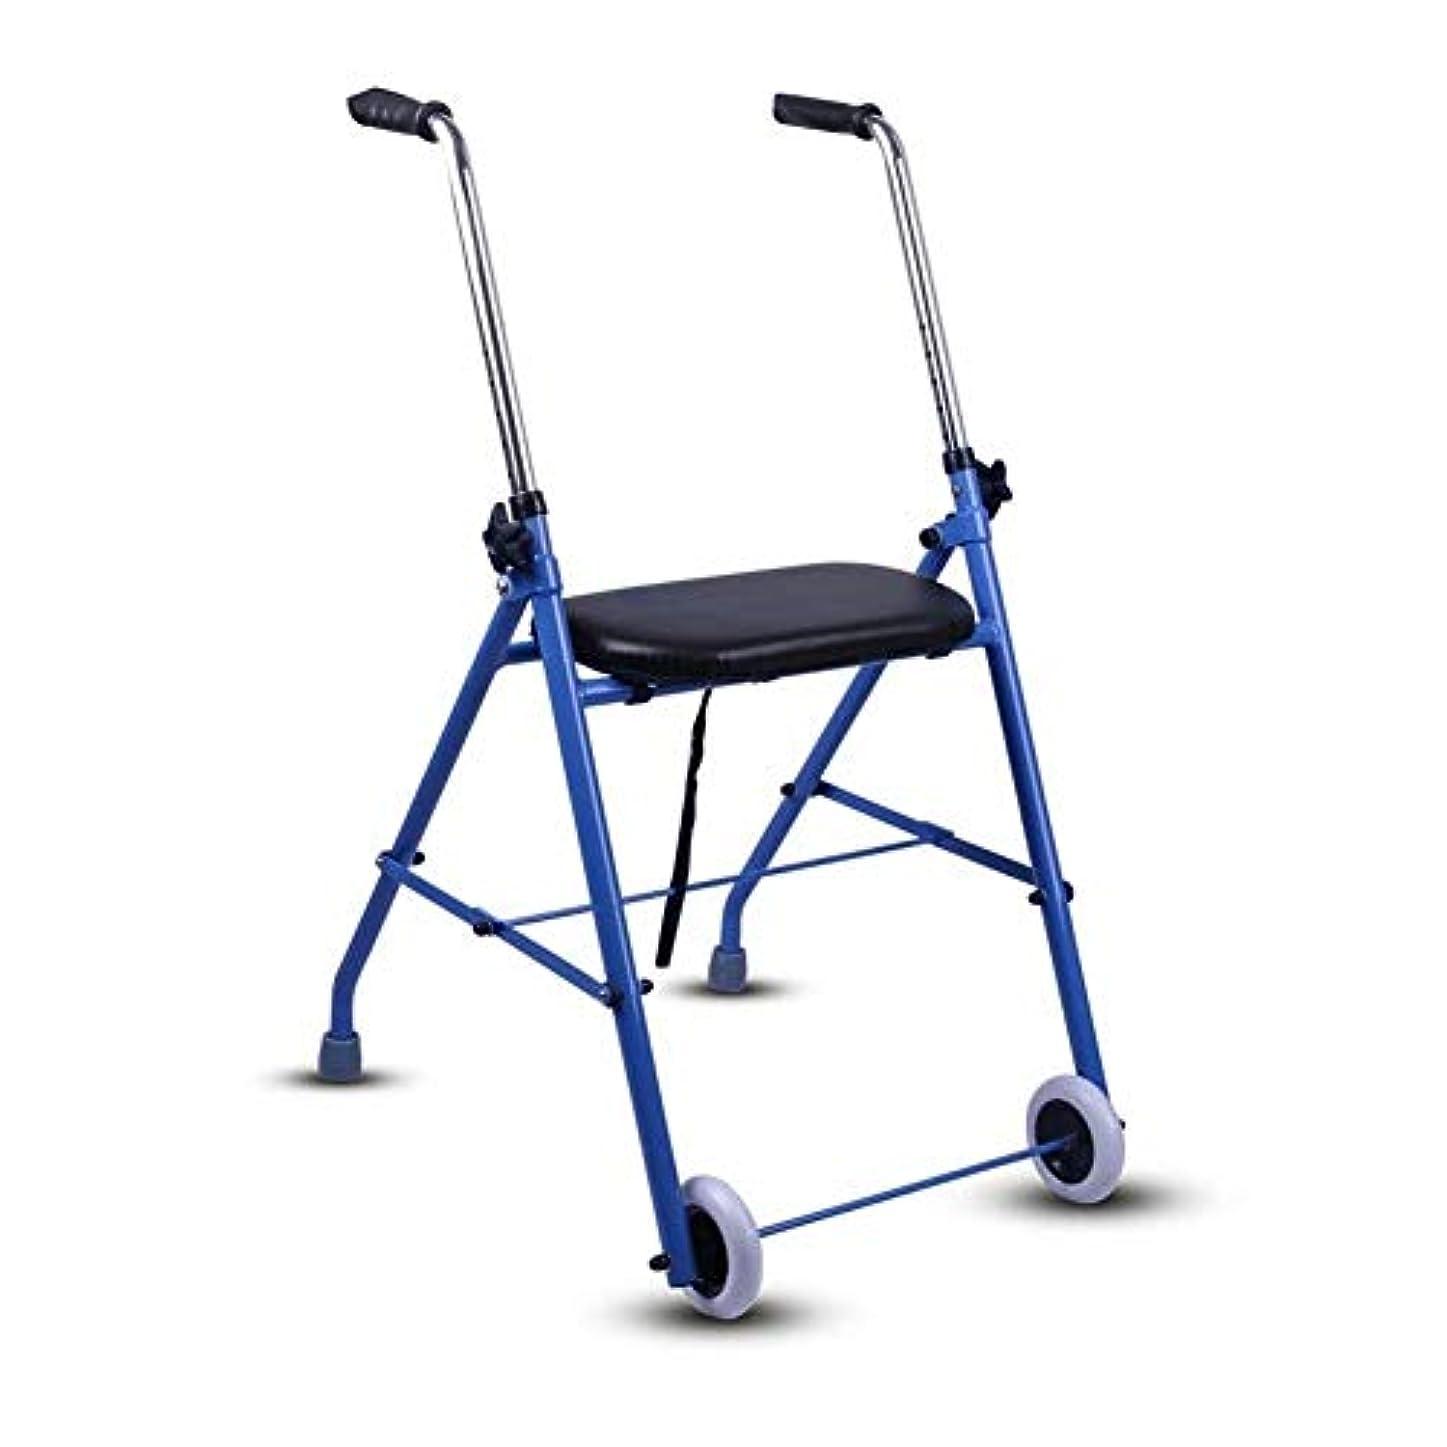 安価なエレベータープール調節可能な折り畳み式2ホイールローラー歩行器、パッド入りシート、人間工学に基づいたハンドル